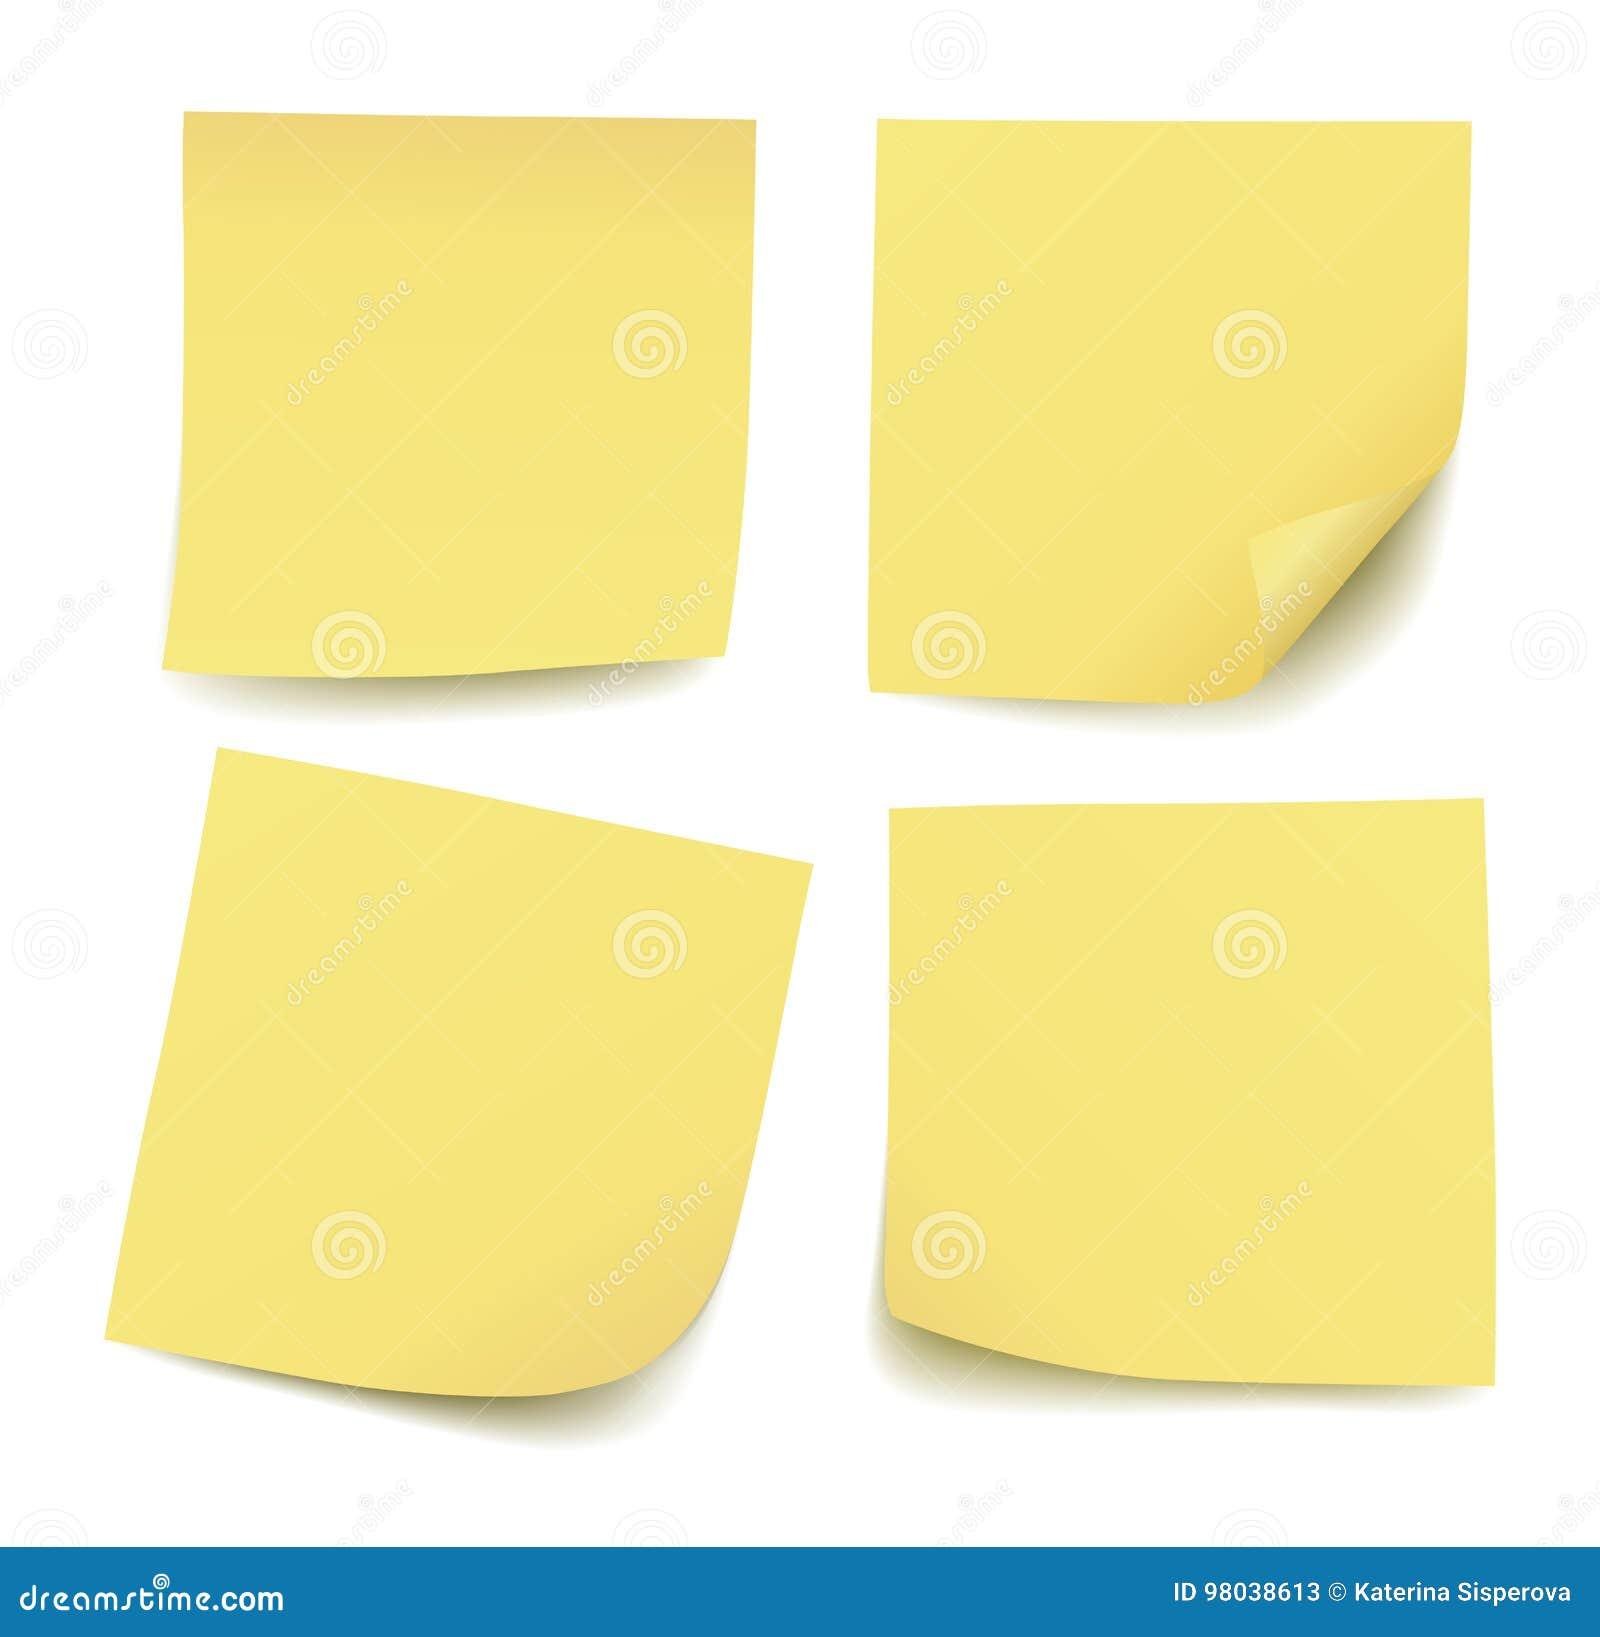 Grupo de quatro notas de post-it amarelas vazias realísticas isoladas